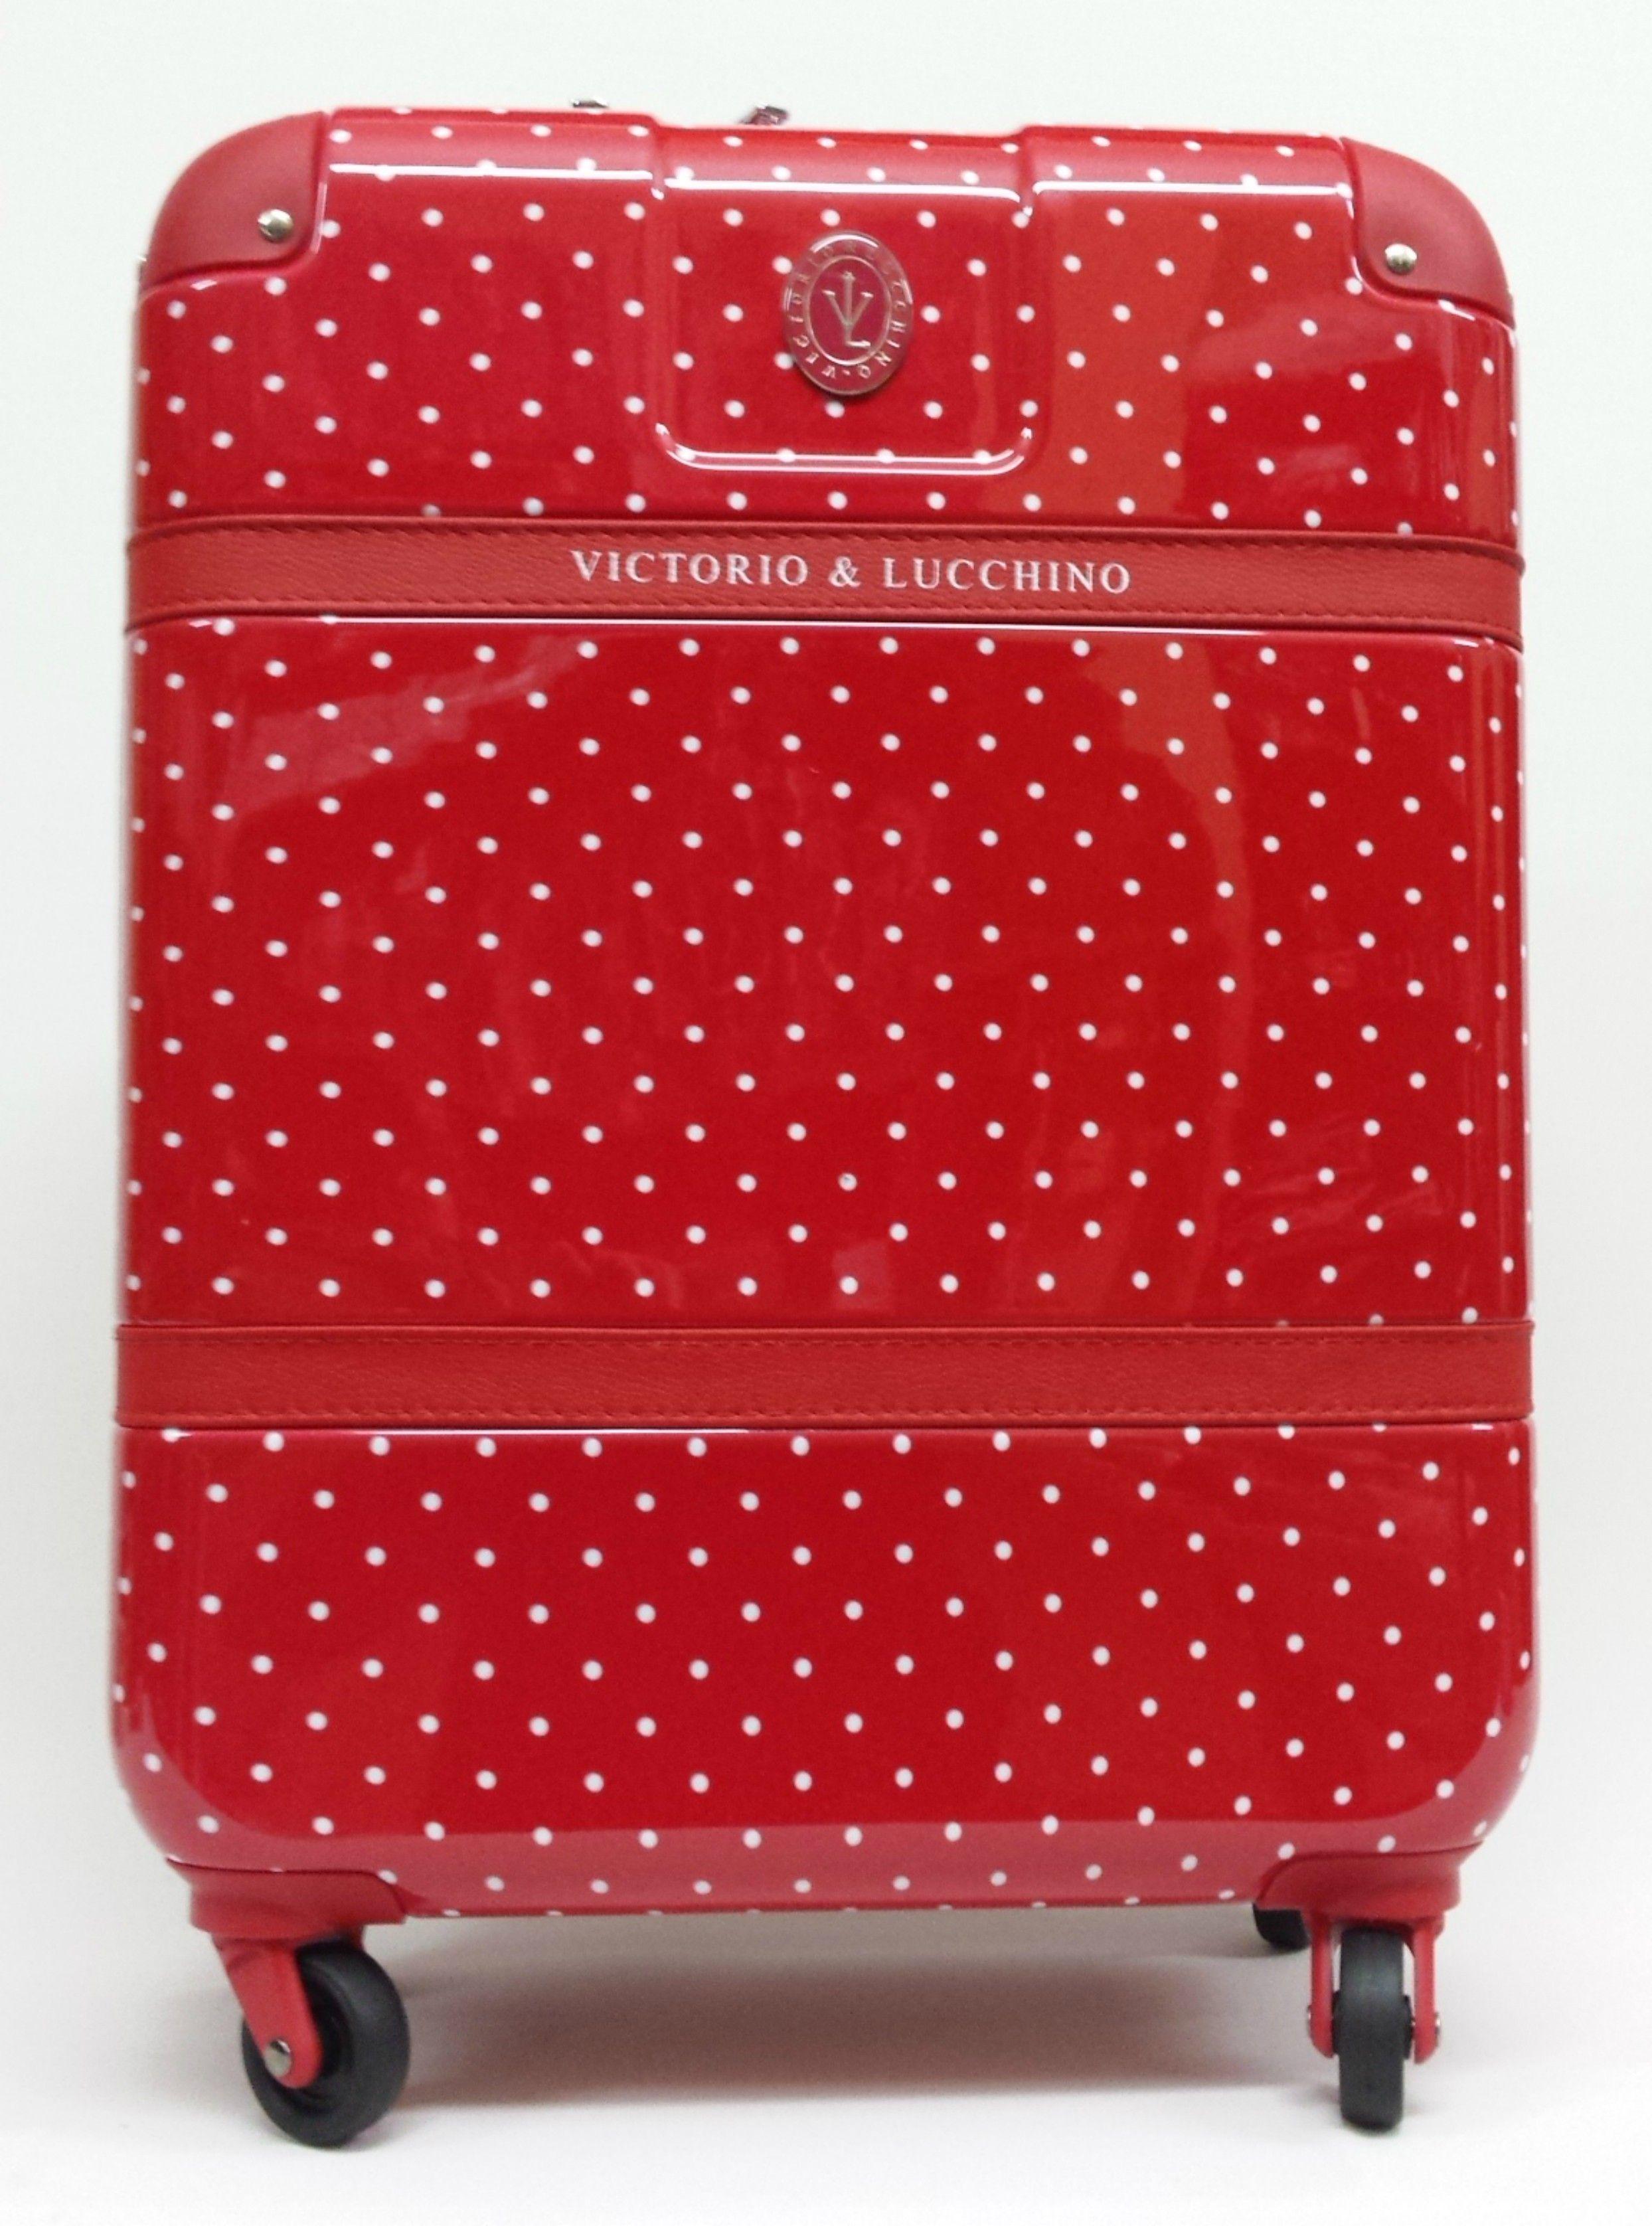 una maleta muy elegante y de gran comodidad